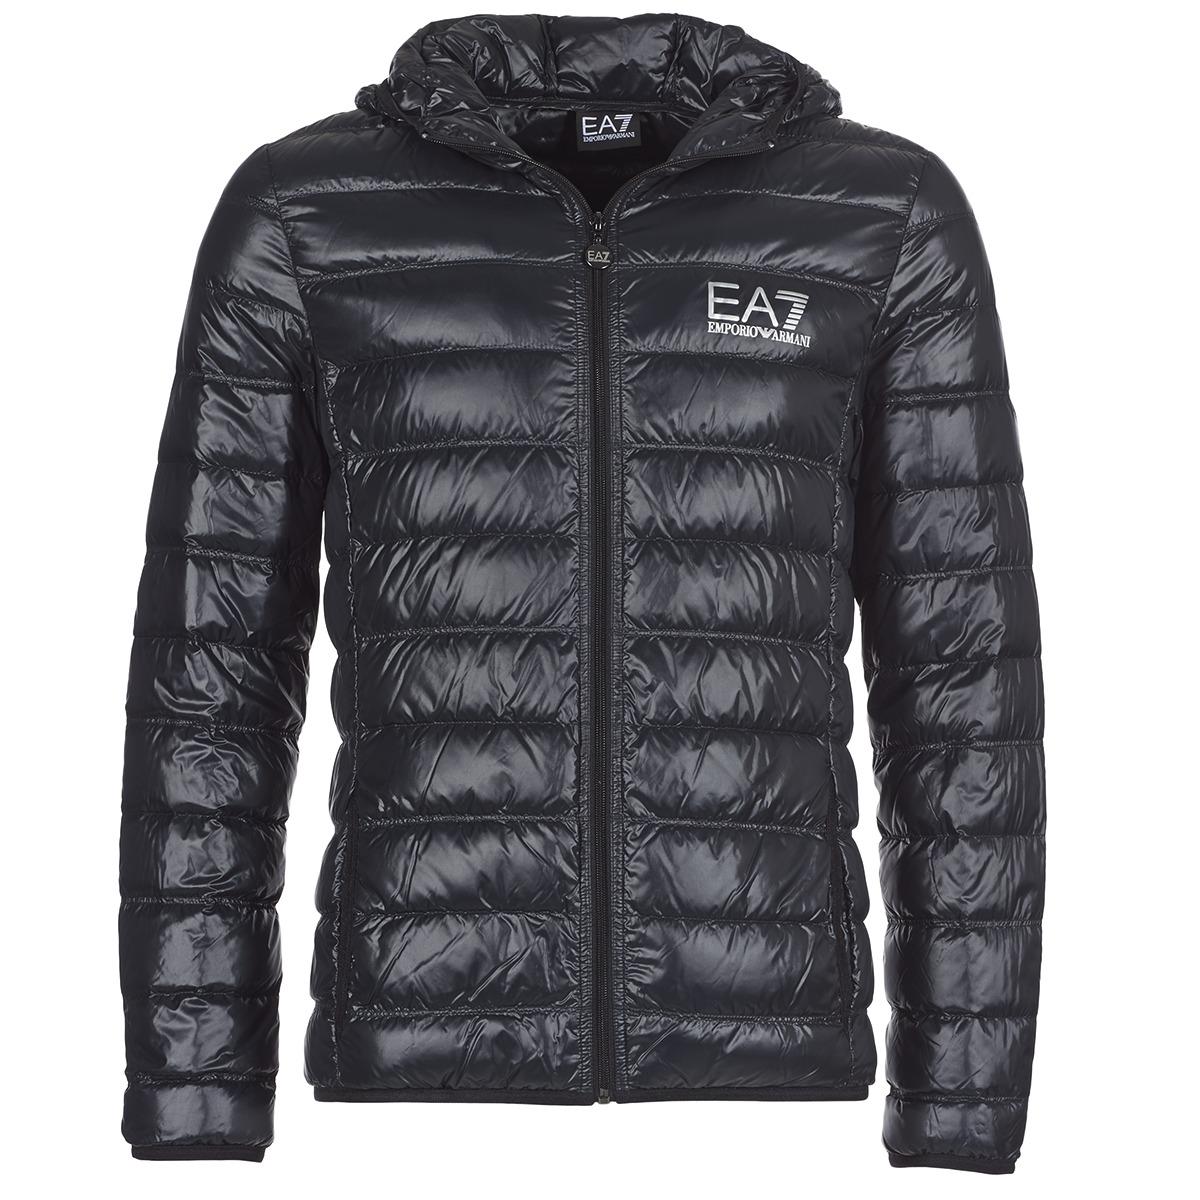 Emporio Armani EA7 ANDOURALO Noir - Chaussure pas cher avec Shoes.fr ! -  Vêtements Doudounes Homme 136,10 € 5331bdb95a5